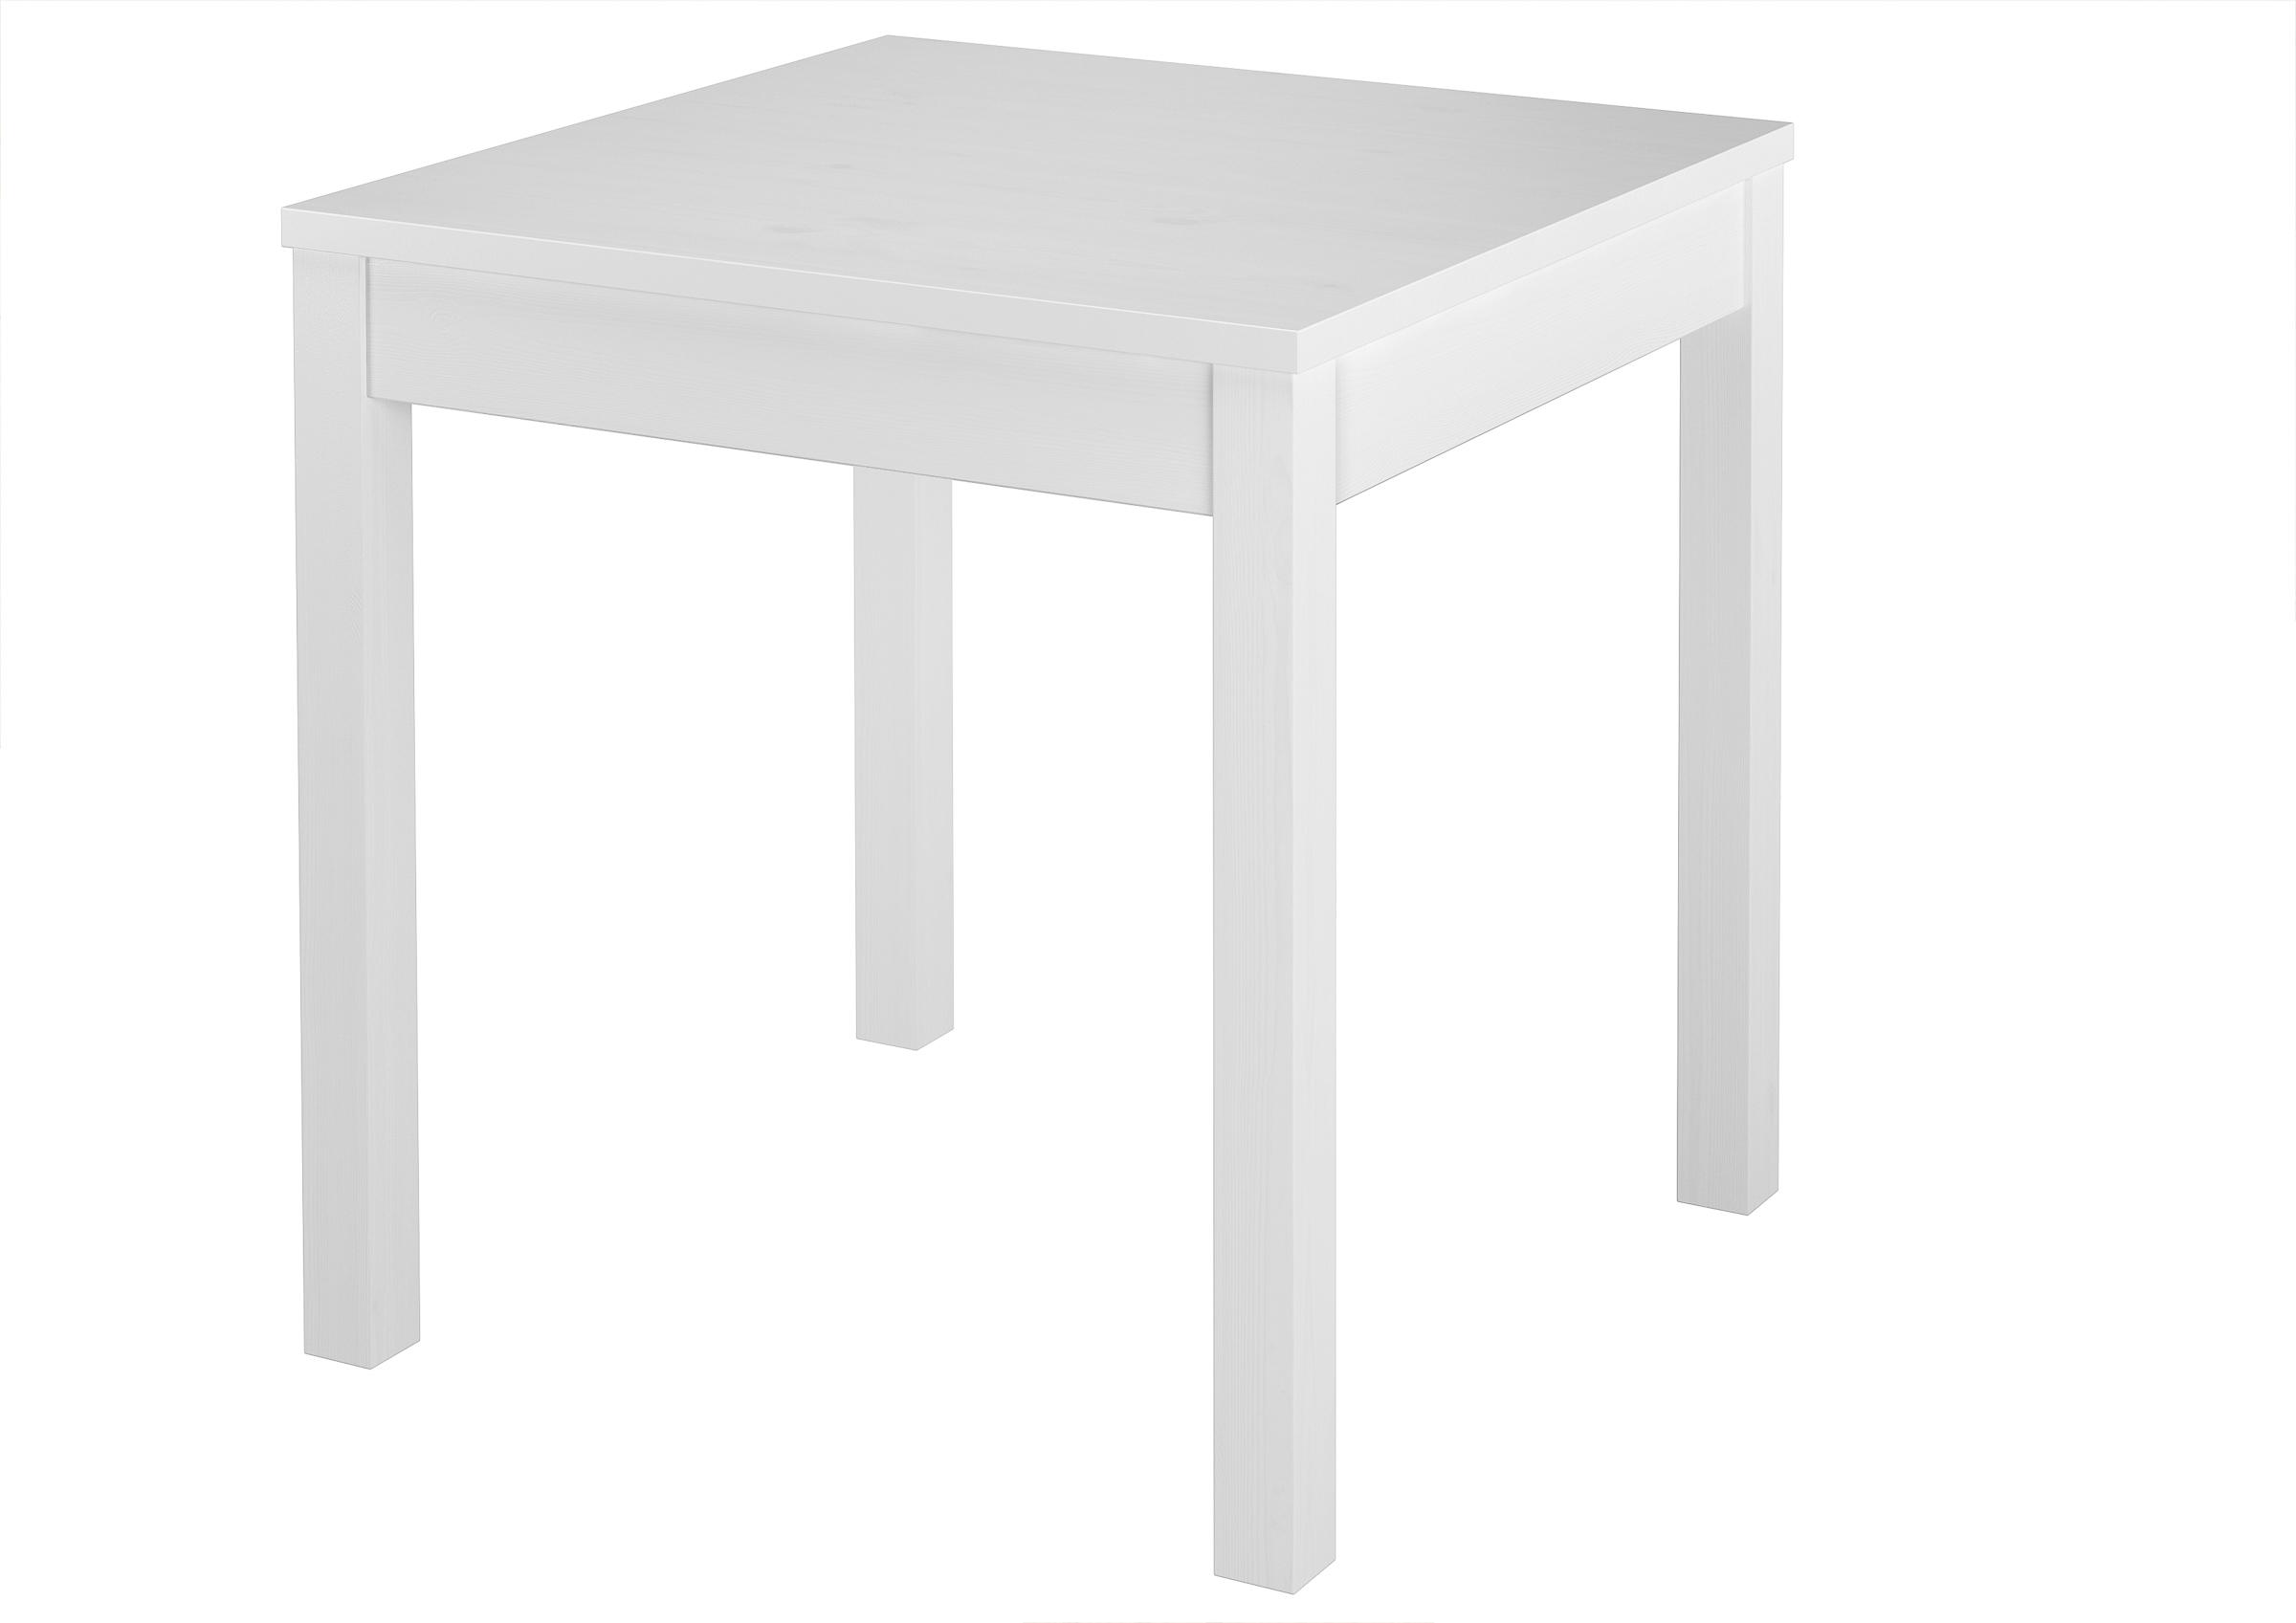 Full Size of Kleiner Esstisch Weiß Tisch Massivholztisch Wei Kchentisch Beine Ausziehbar Grau Kunstleder Sofa Weißes Schlafzimmer Wildeiche Und Stühle Holz Massiv Esstische Kleiner Esstisch Weiß